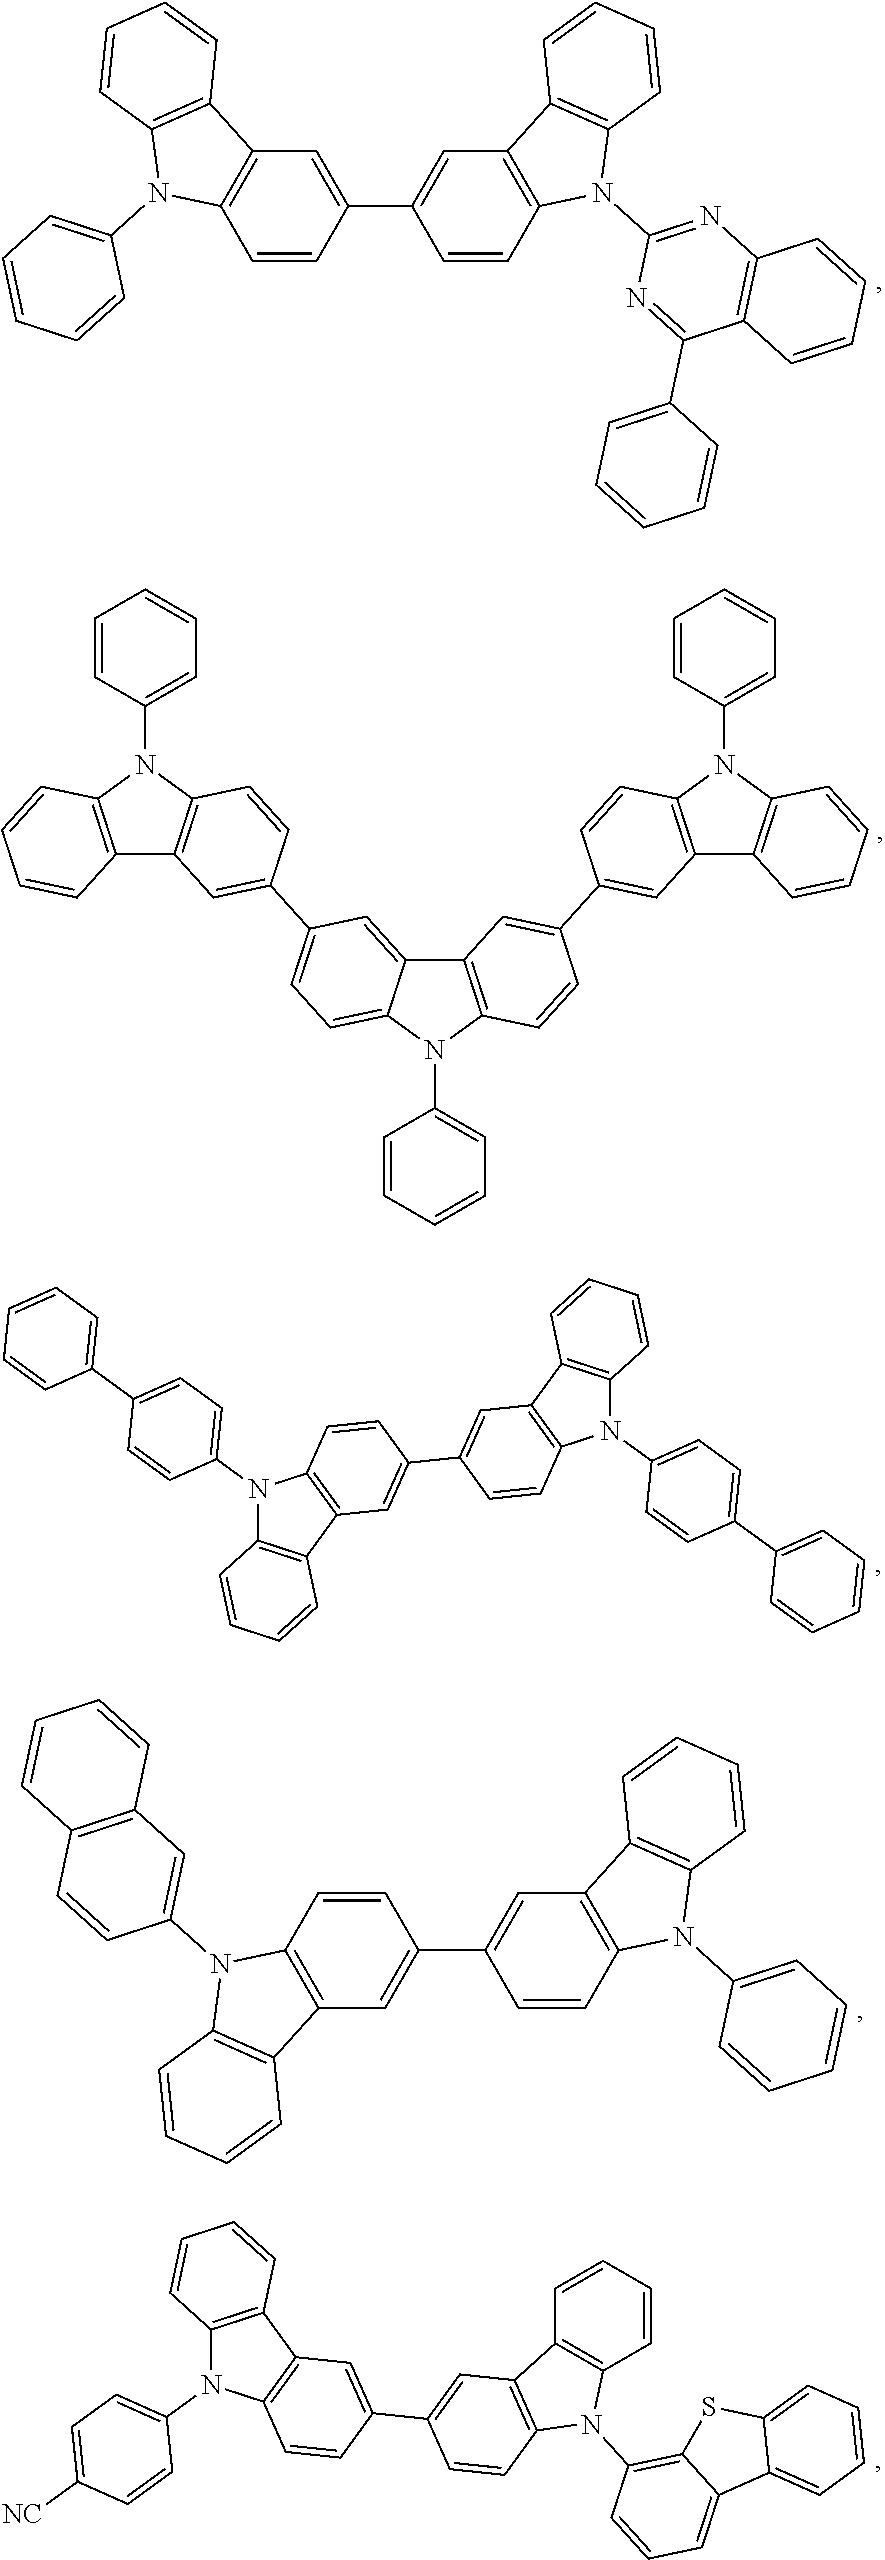 Figure US20190161504A1-20190530-C00016